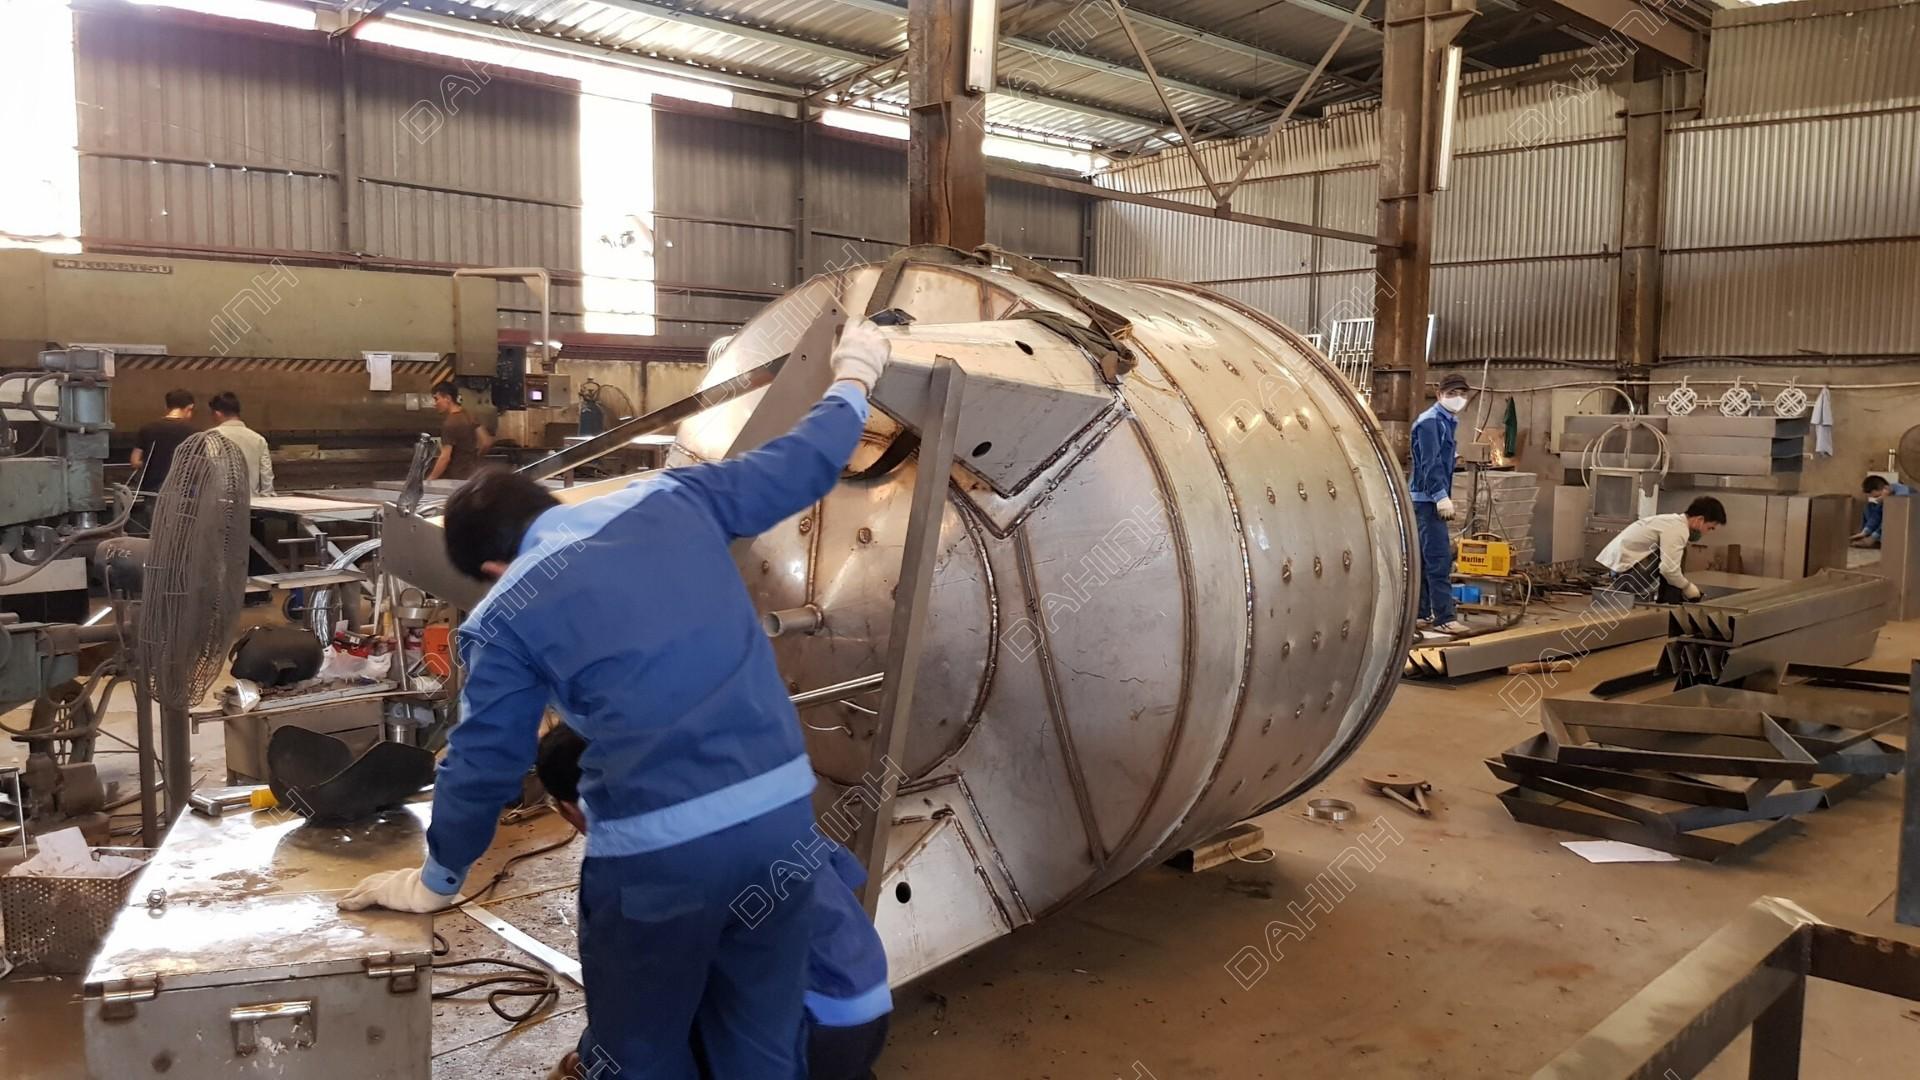 Gia công, sản xuất bồn chứa inox chất lượng cao tại Đa Hình